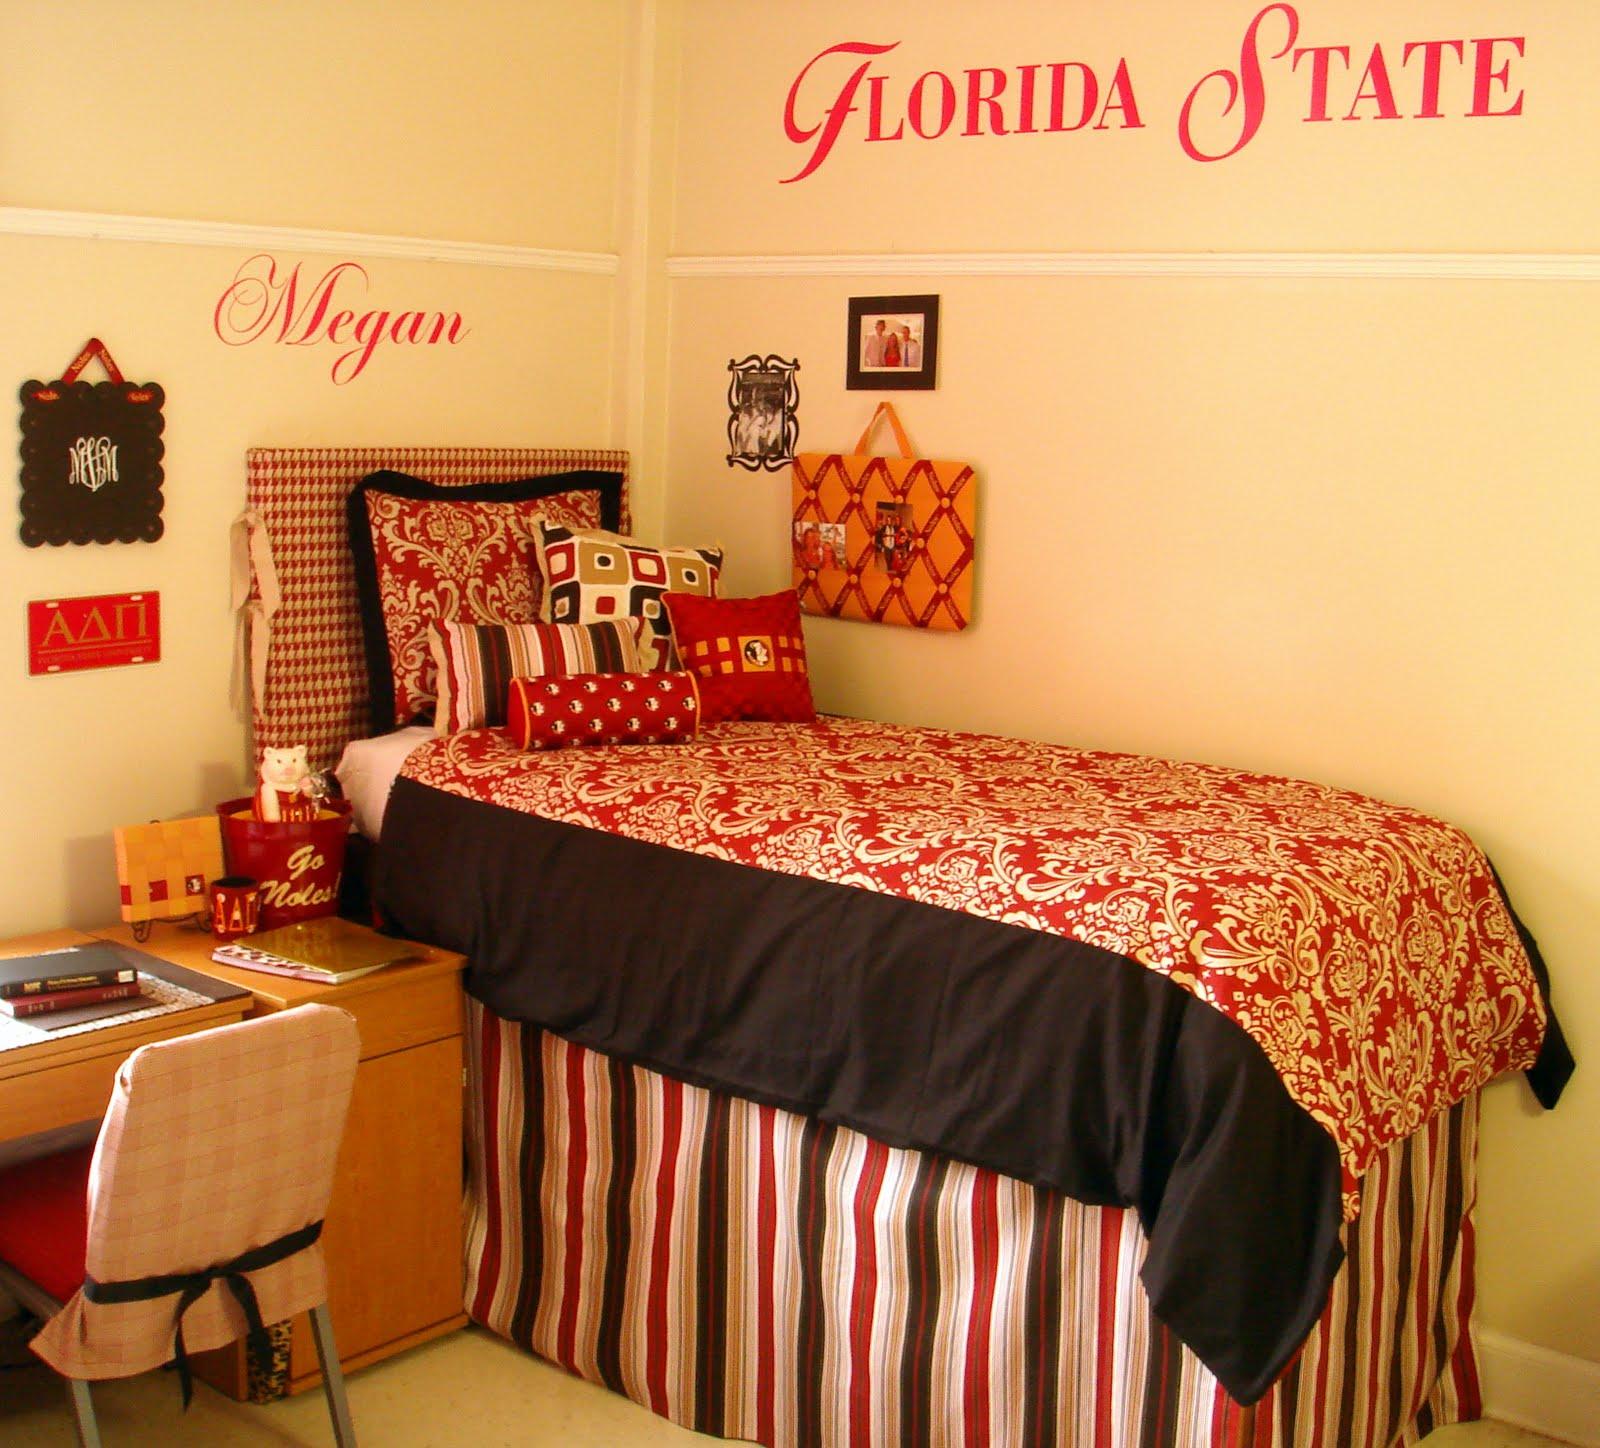 Decor 2 Ur Door April 2010  Dorm Room Bedding and Decor